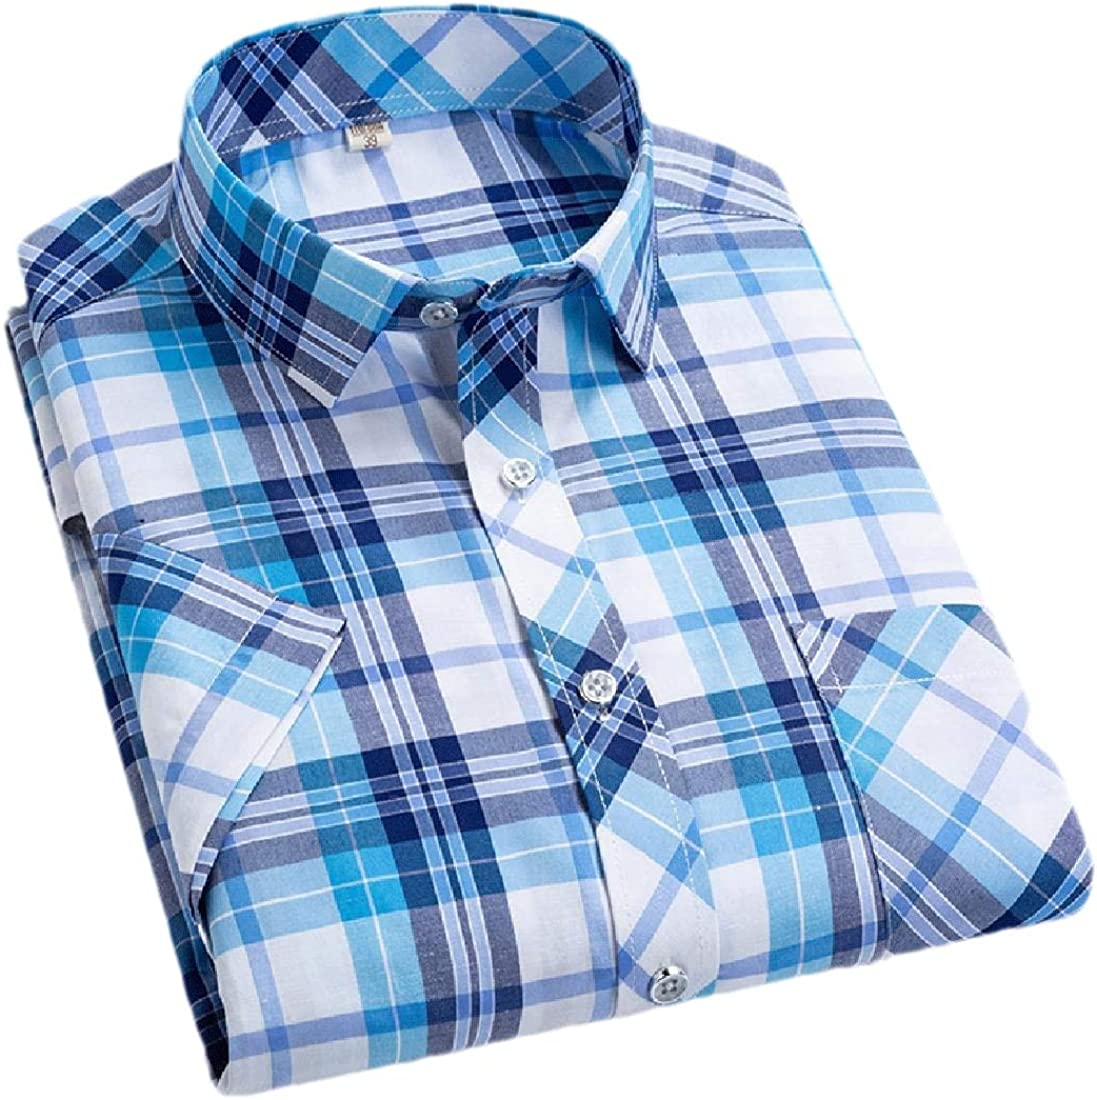 xiaohuoban Mens Short Sleeve Casual Business Button Down Dress Shirt Cotton Shirts